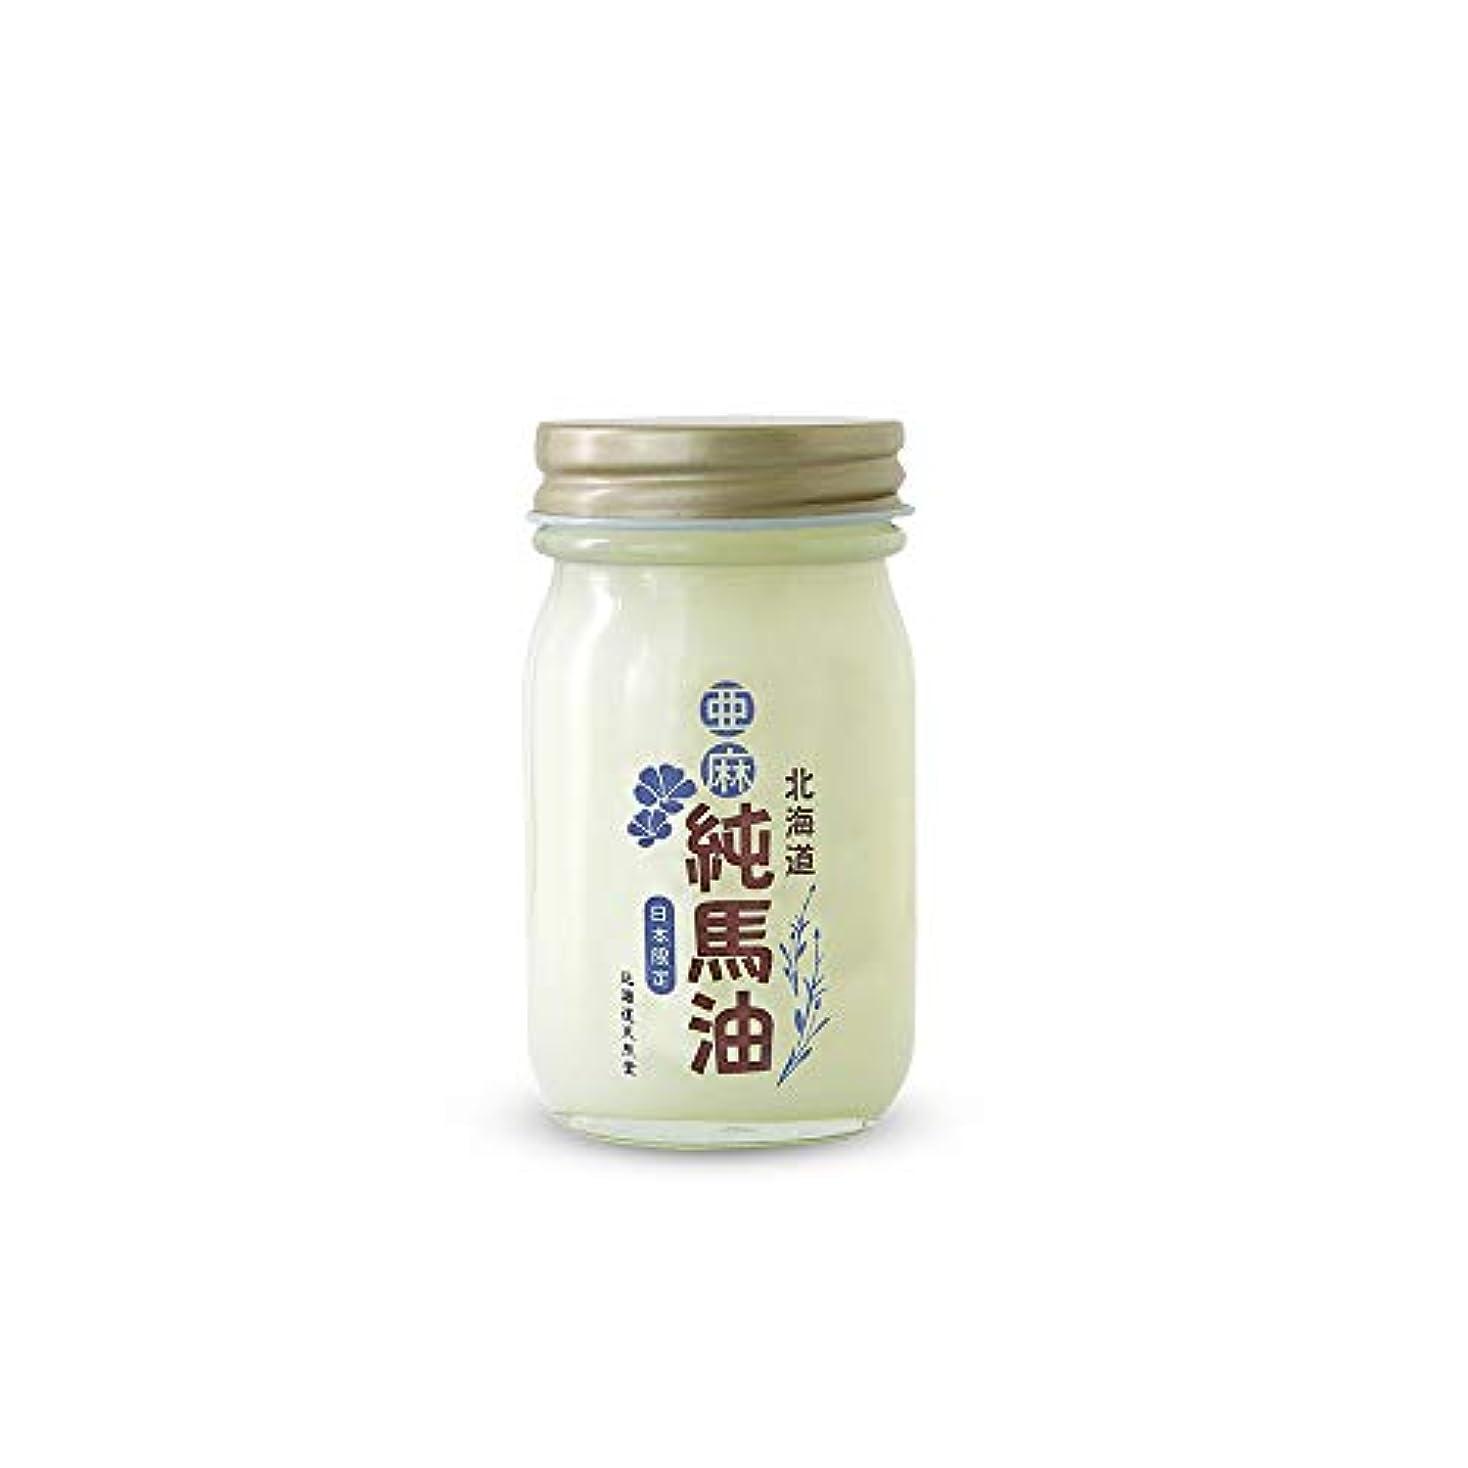 アマ純馬油 80g / 北海道天然堂